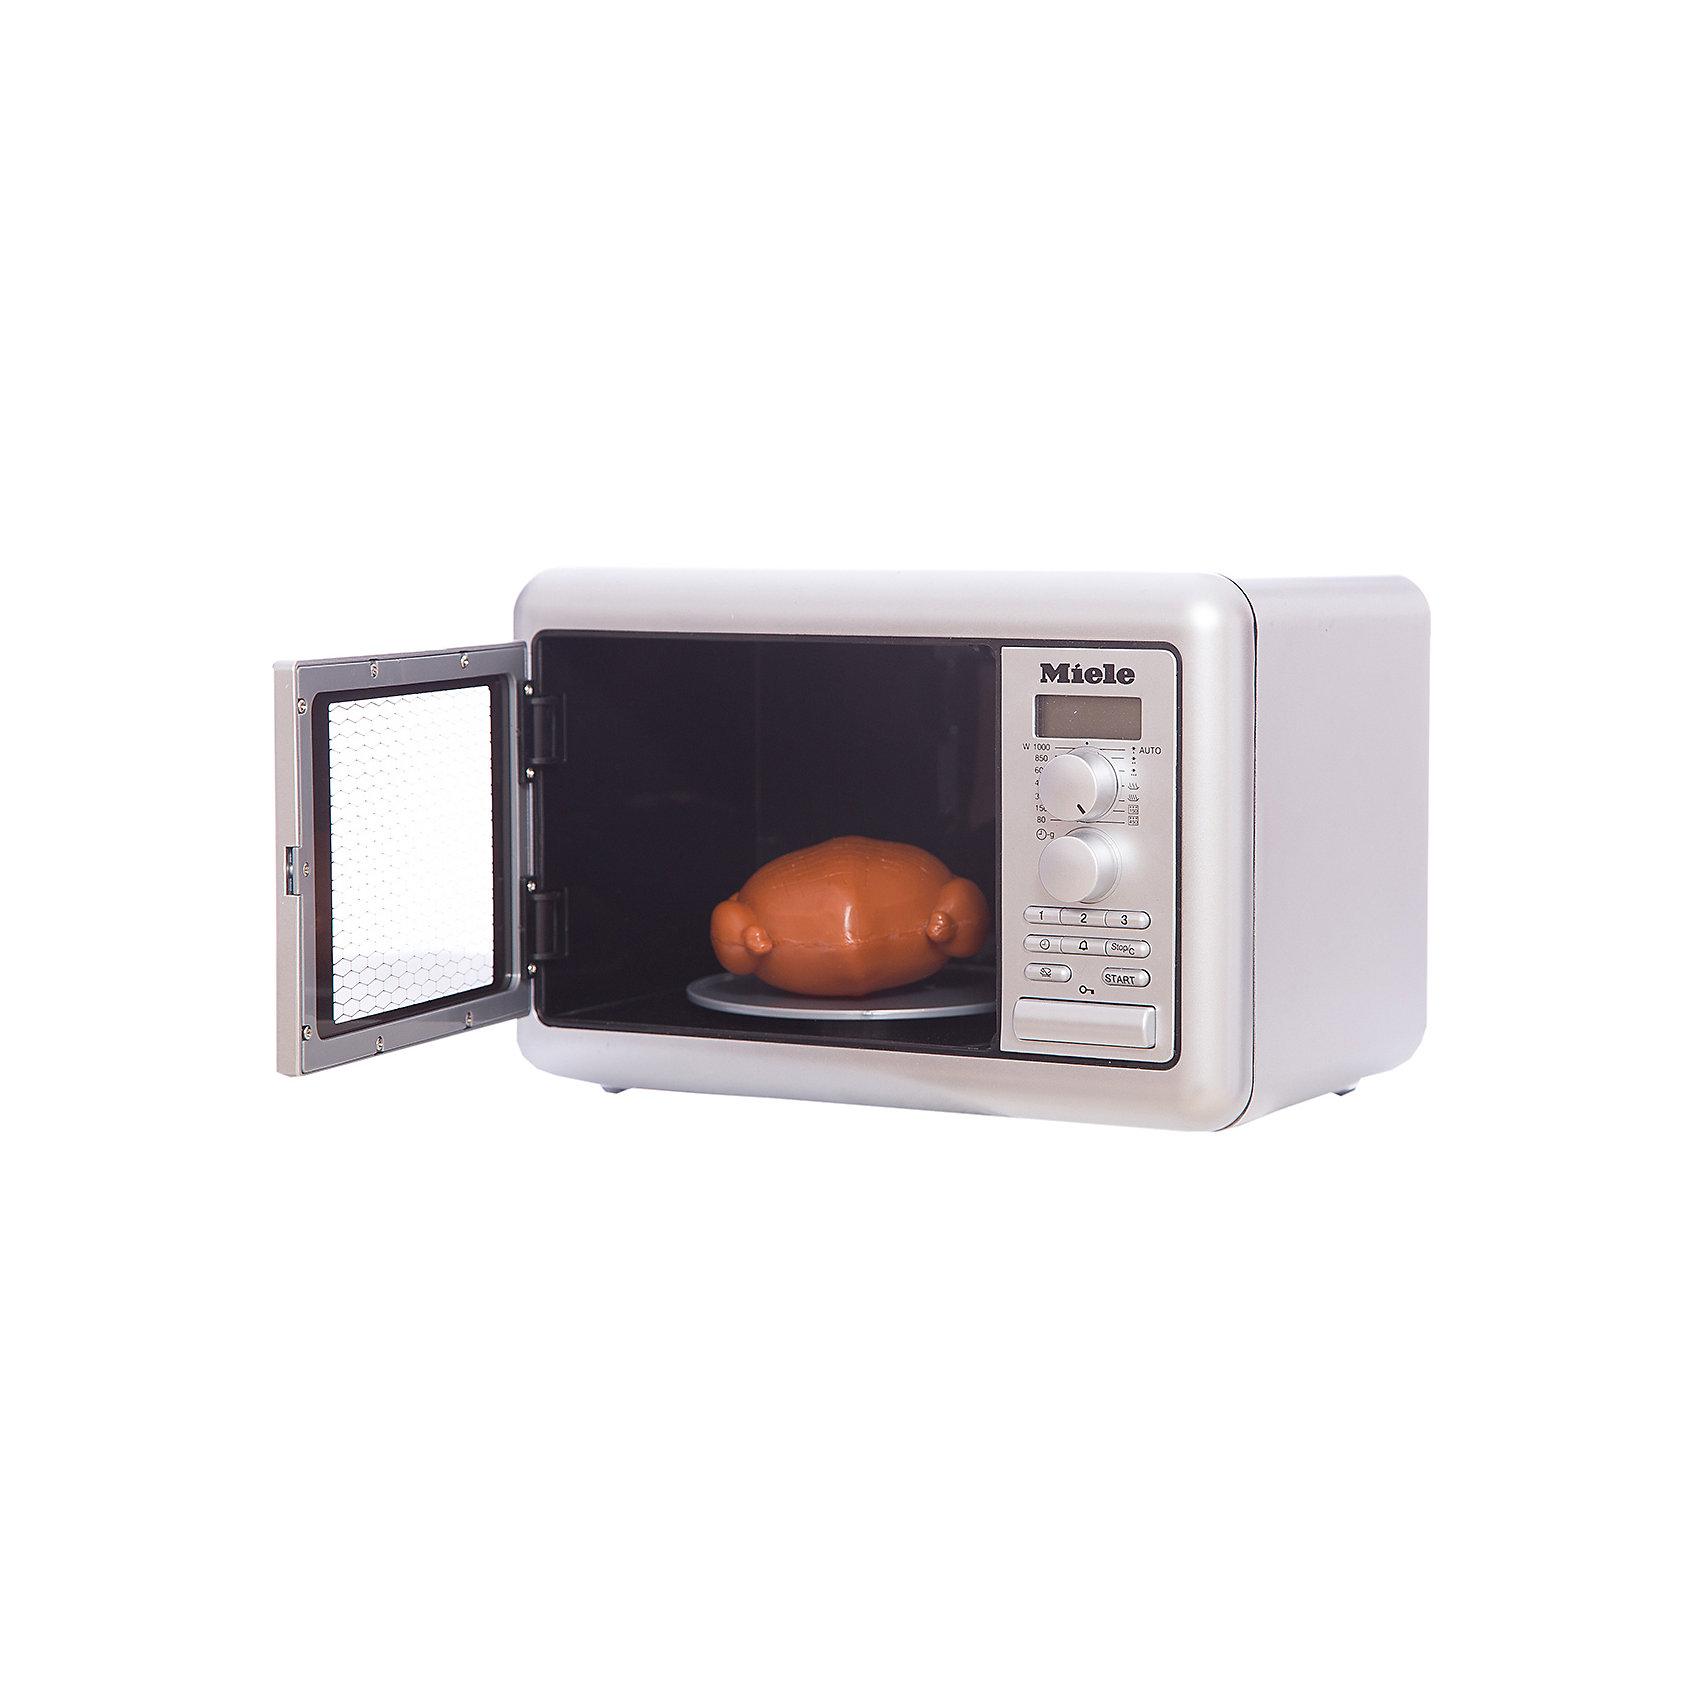 klein Микроволновая печь Miele, Klein